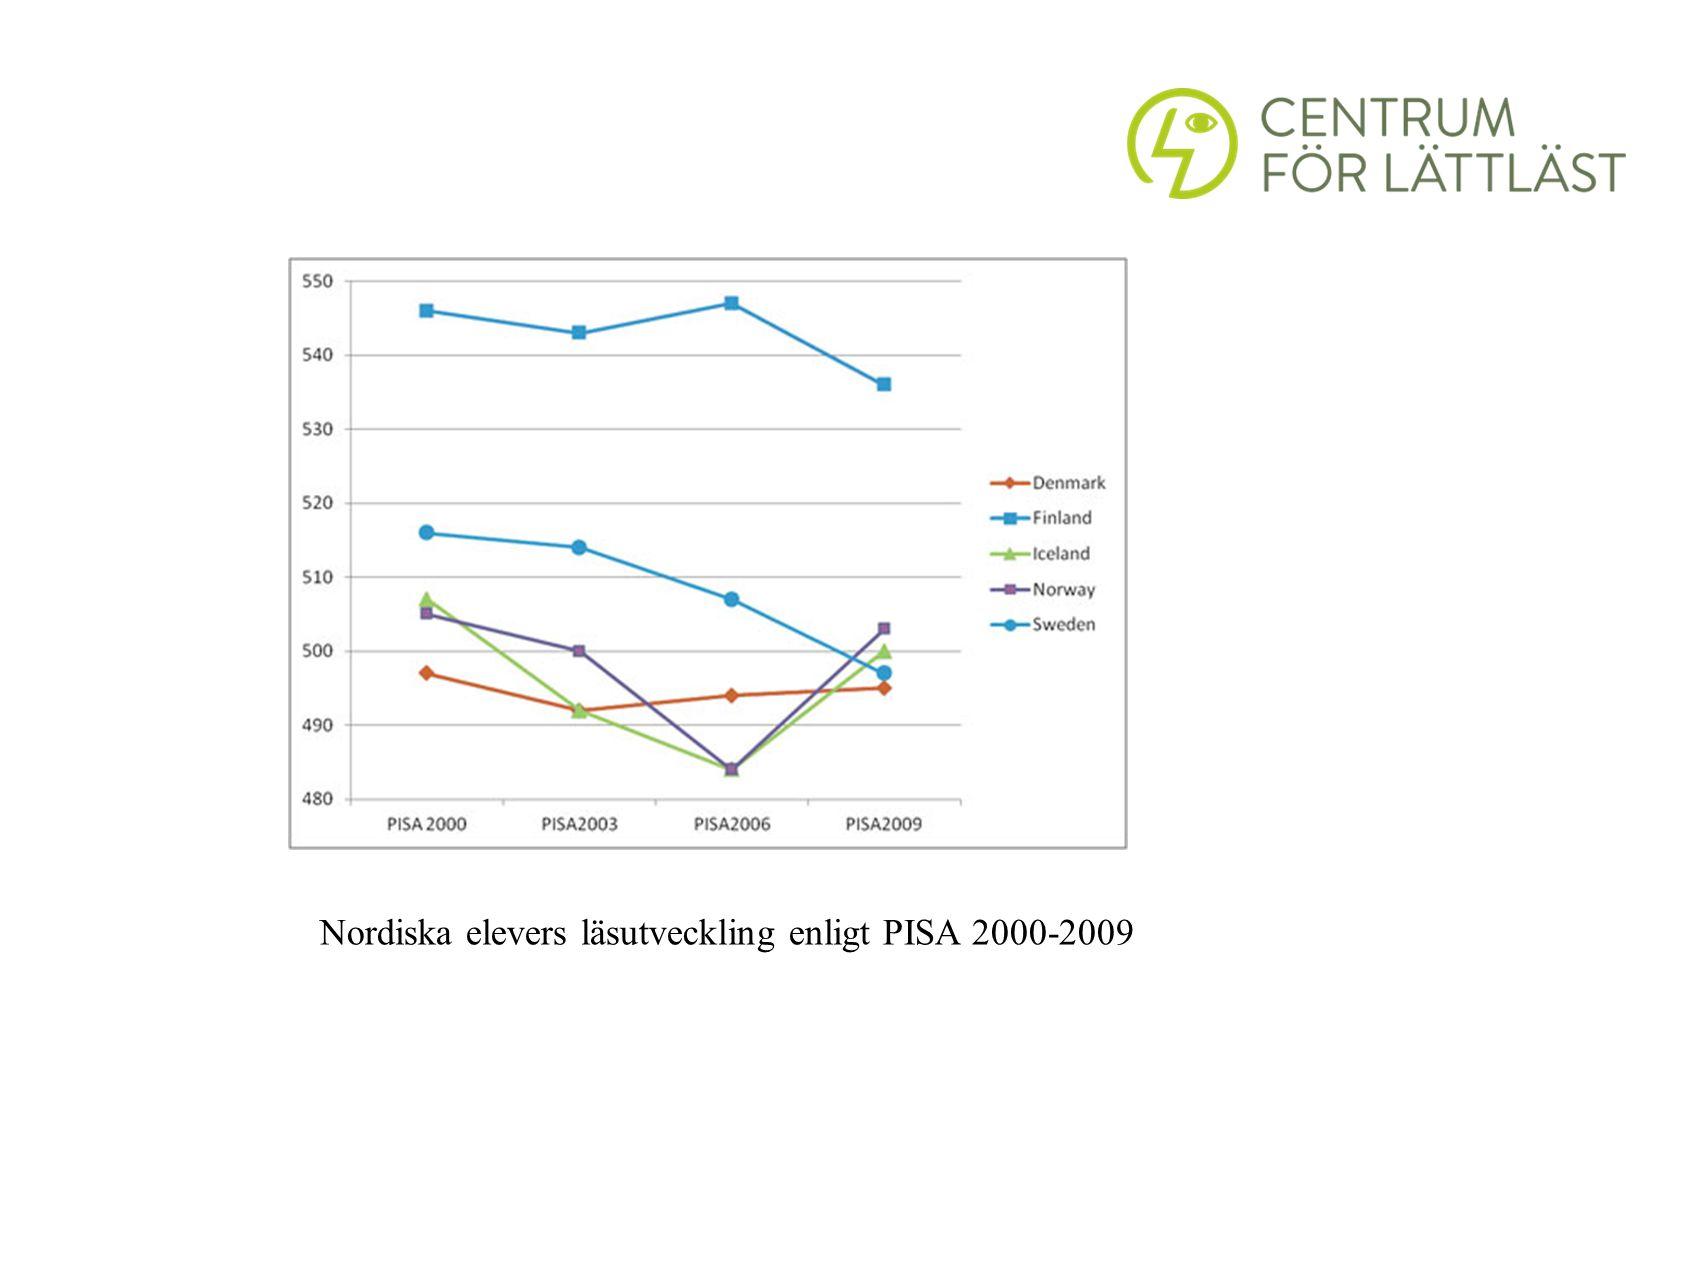 Nordiska elevers läsutveckling enligt PISA 2000-2009